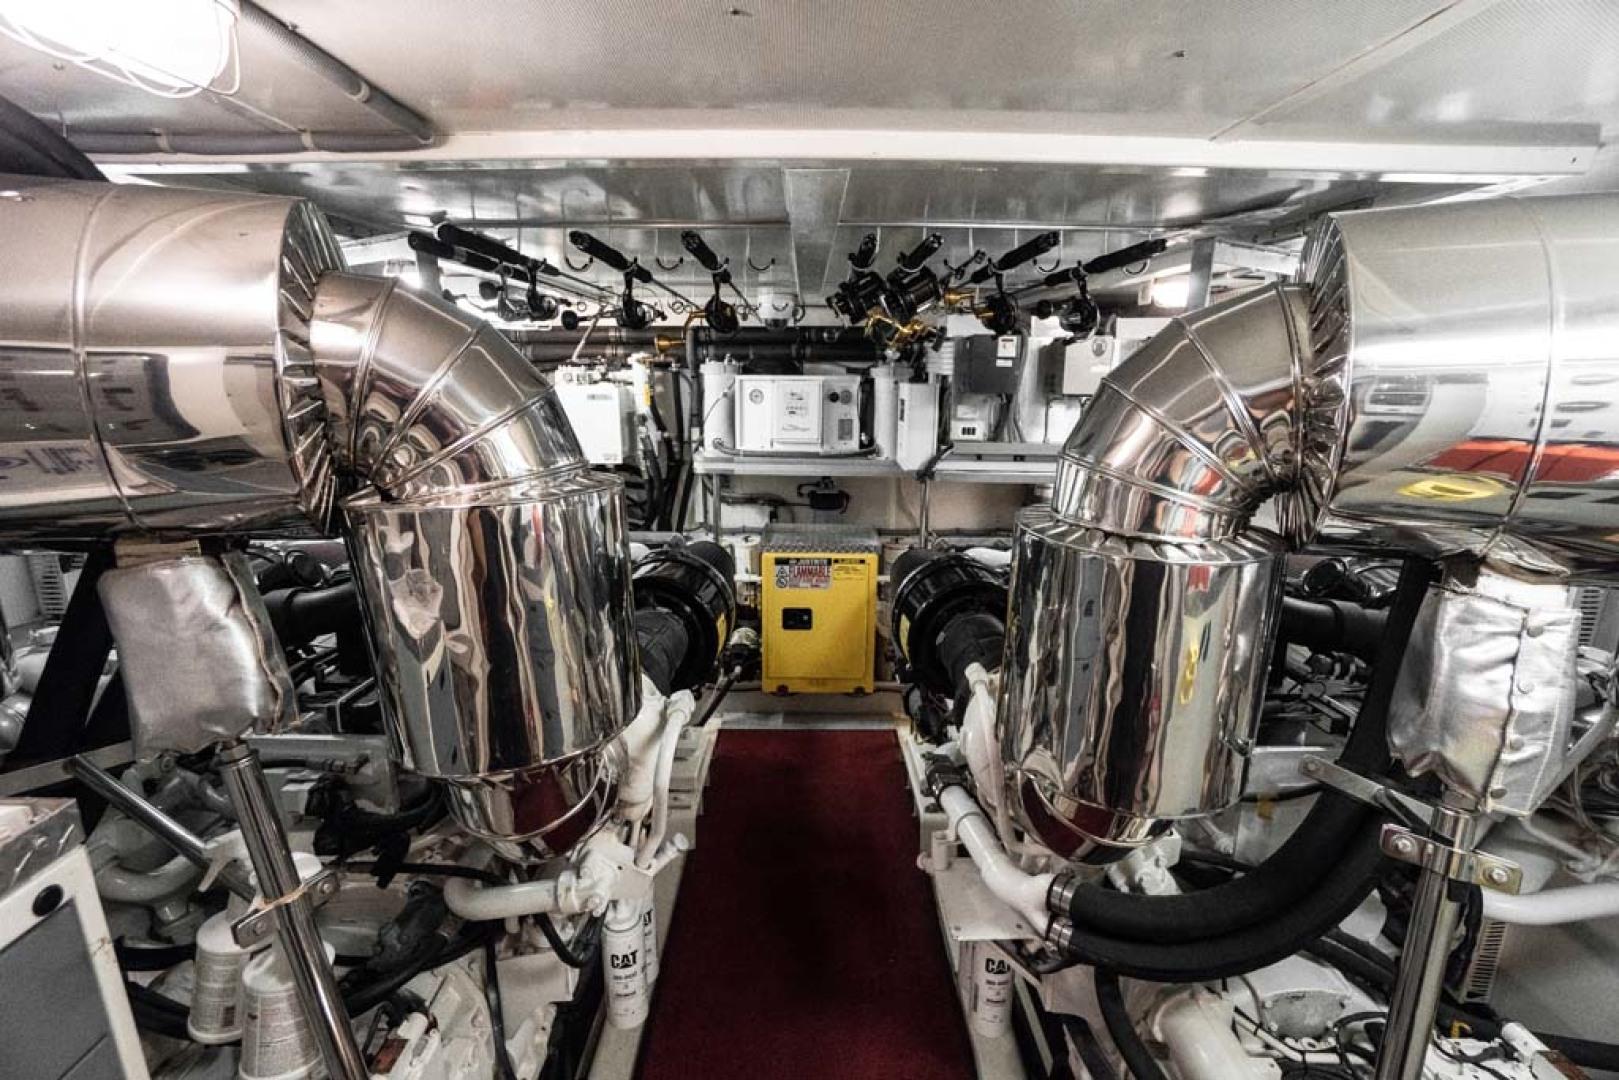 Horizon-Cockpit-Motor-Yacht-2008-Liberation-Stuart-Florida-United-States-Engine-Room-1075378